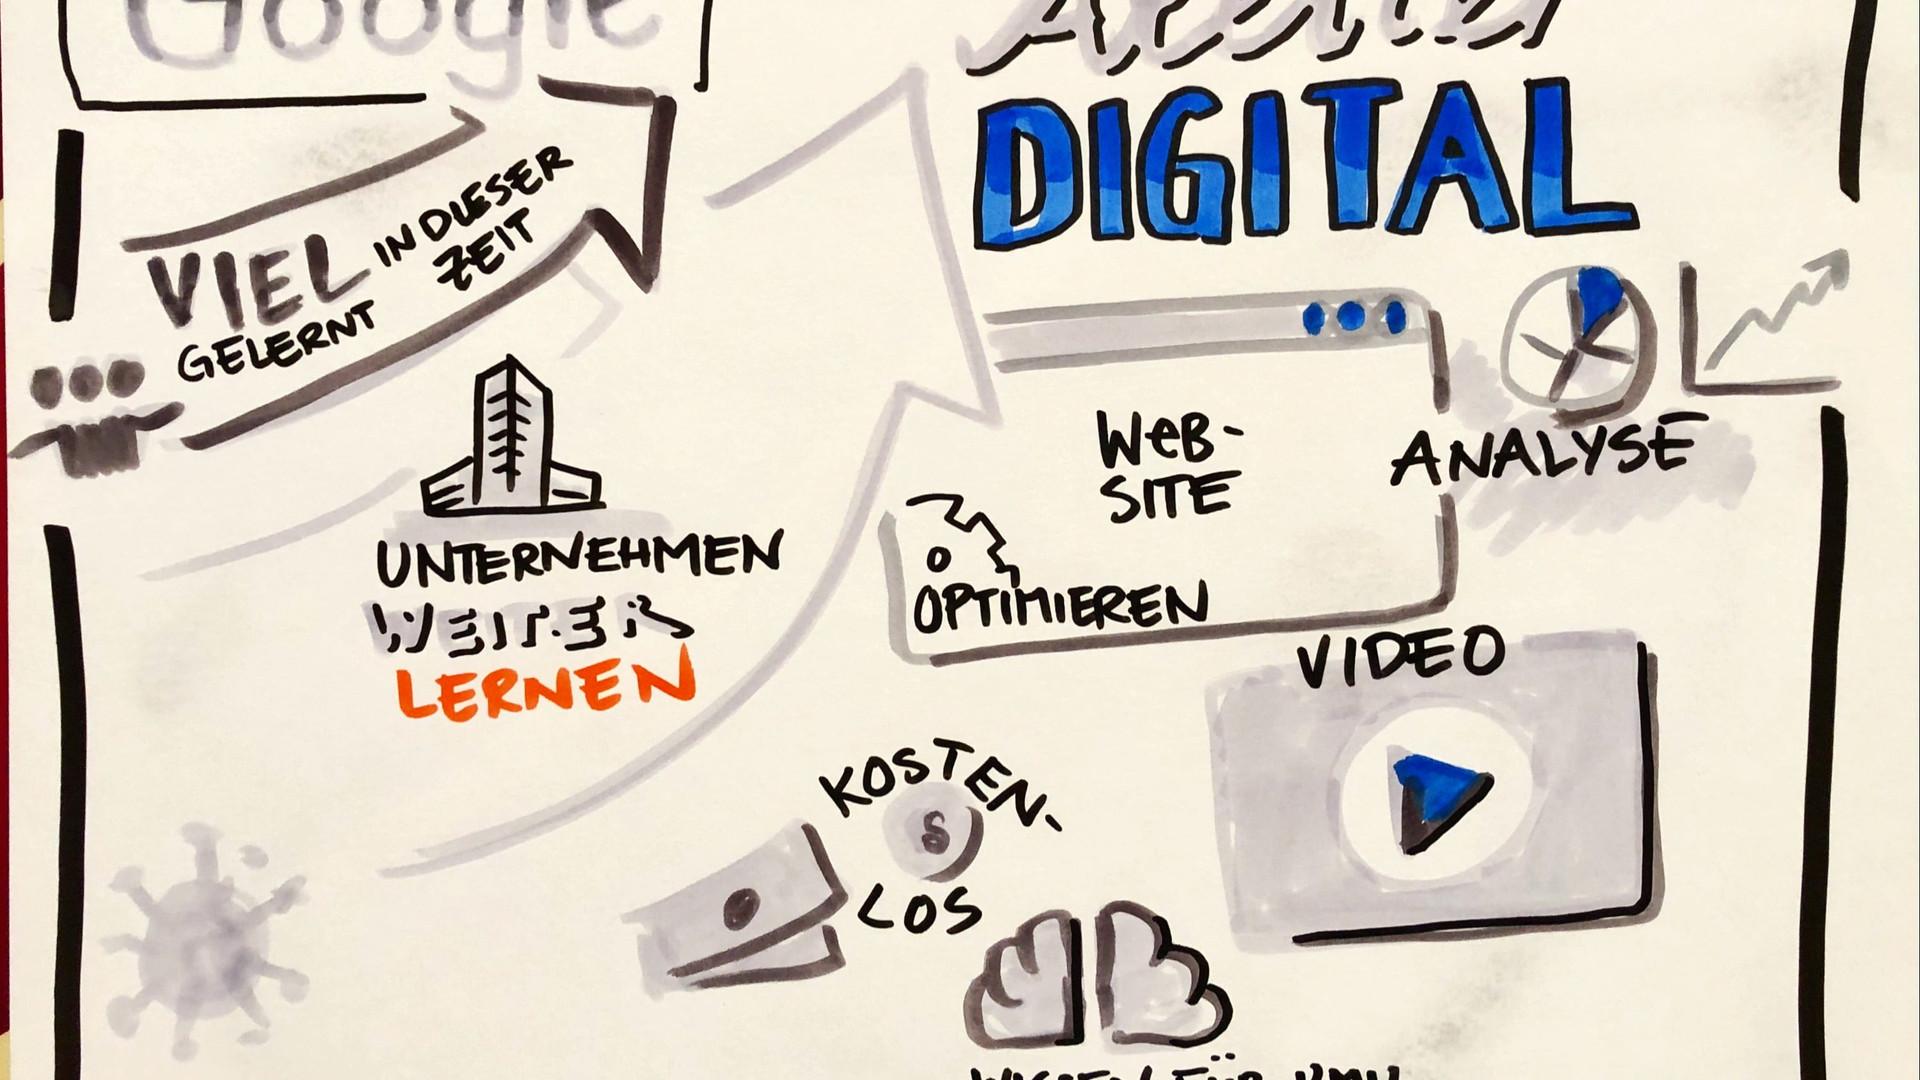 sharenotes_digitalday.JPG